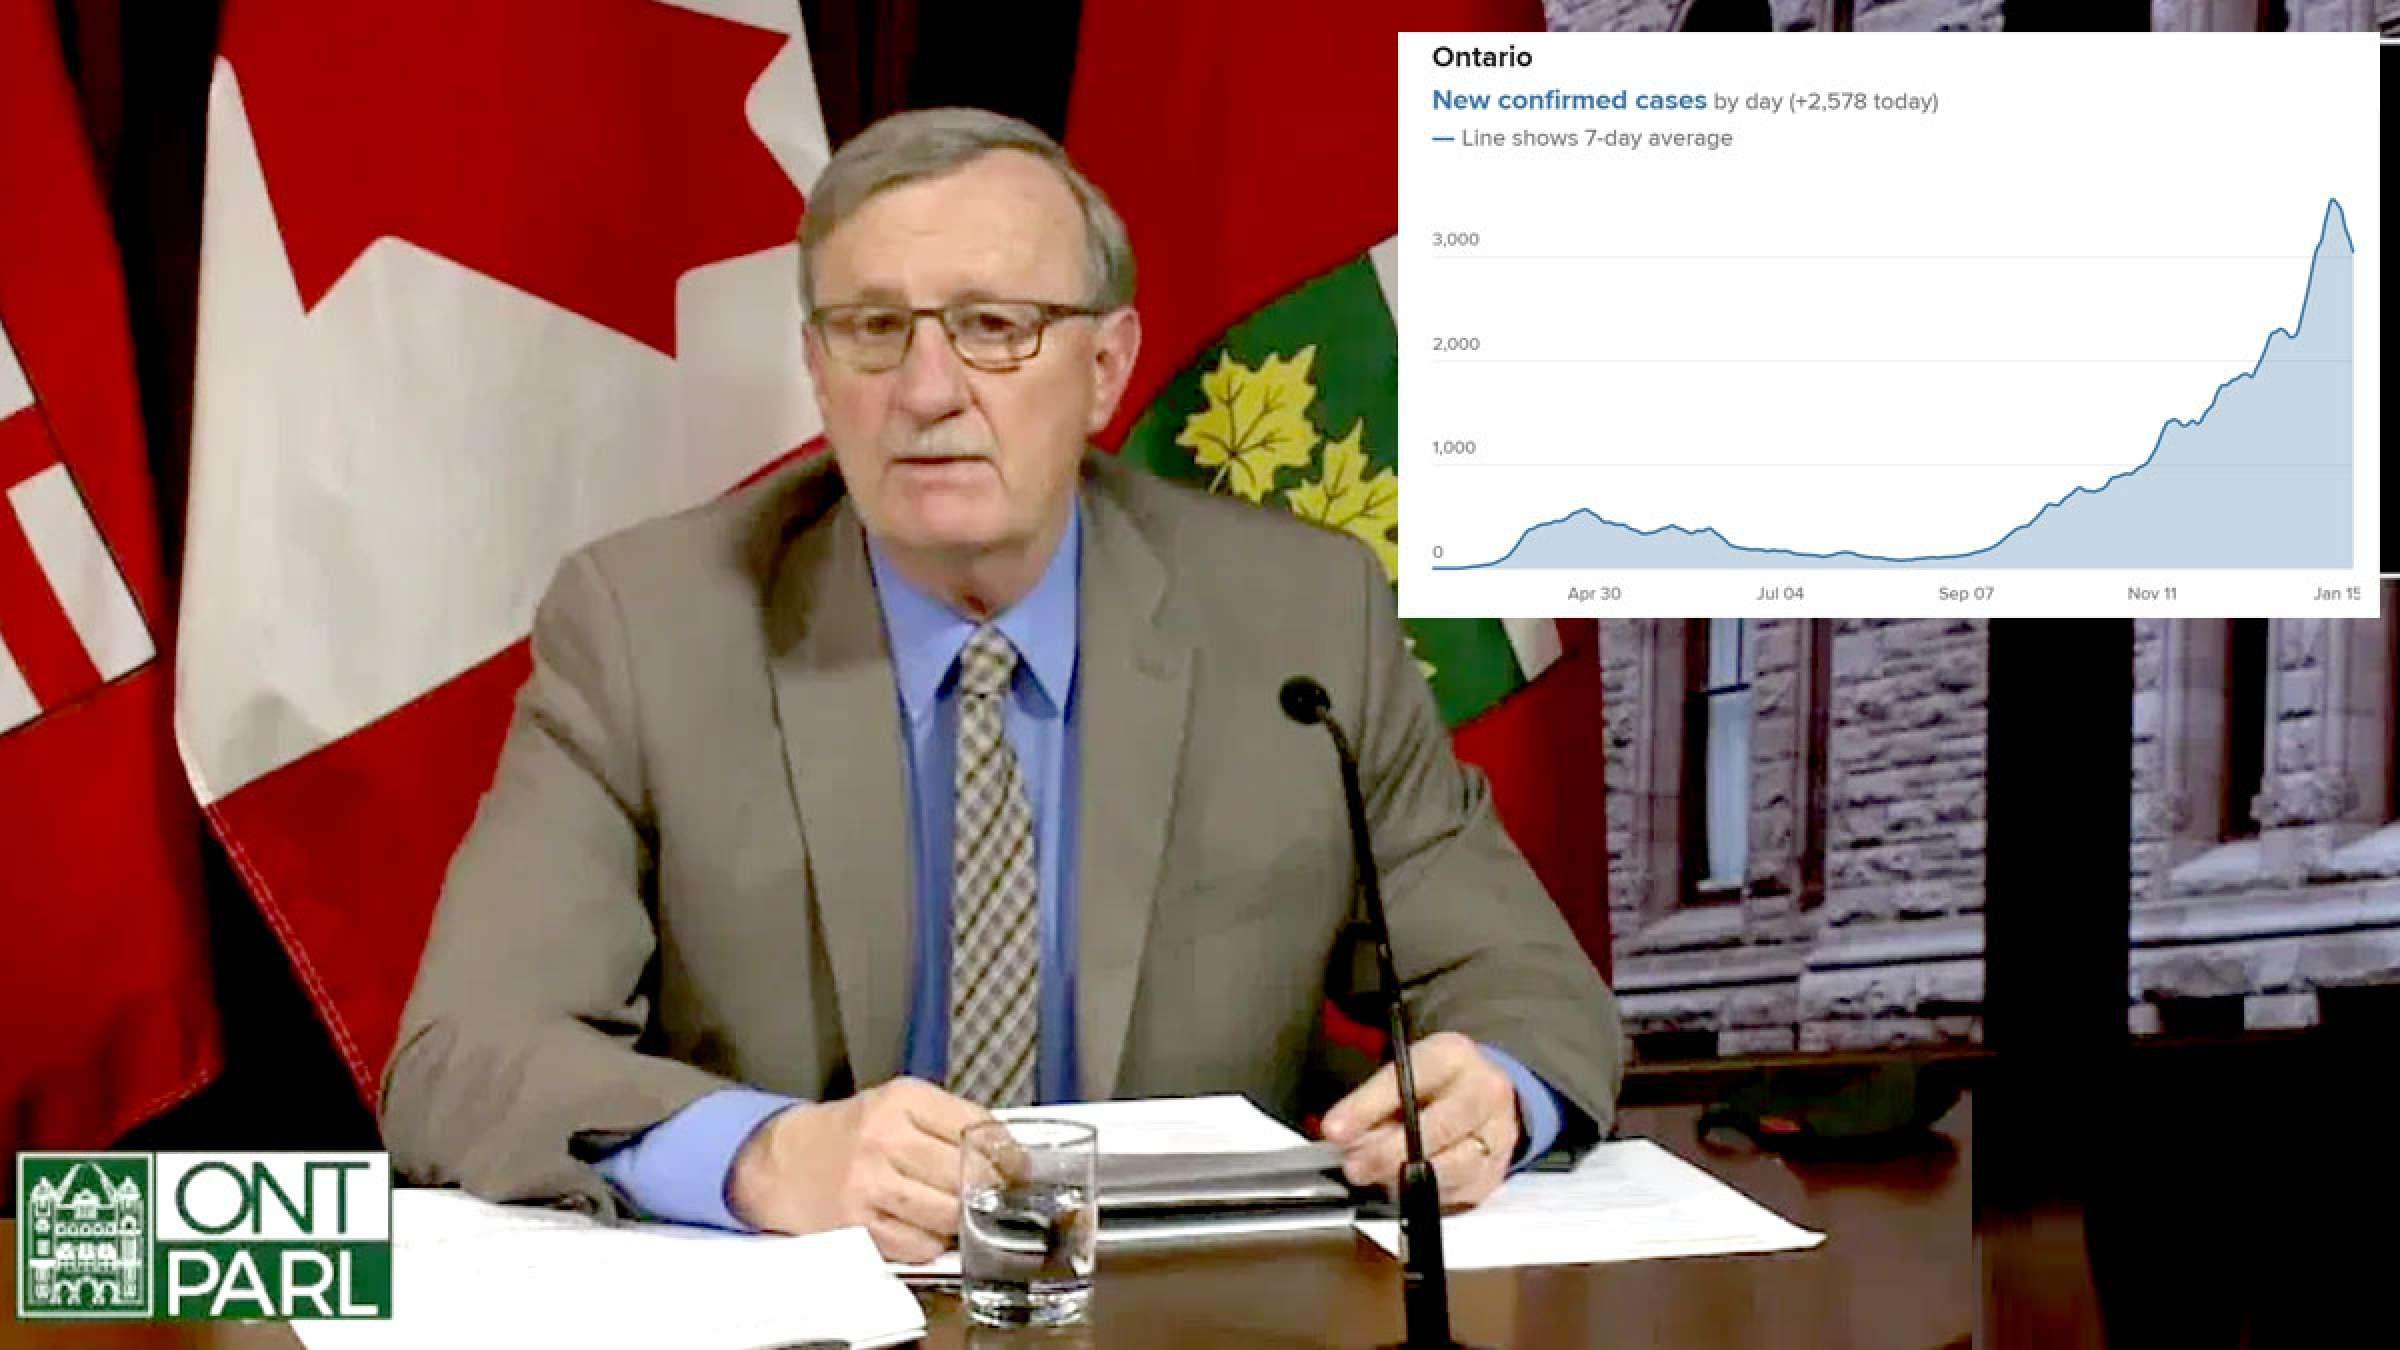 اخبار-تورنتو-رئیس-پزشکی-انتاریو-برای-بازگشایی-مجدد-کرونا-زیر-۱۰۰۰-نفر-برسد